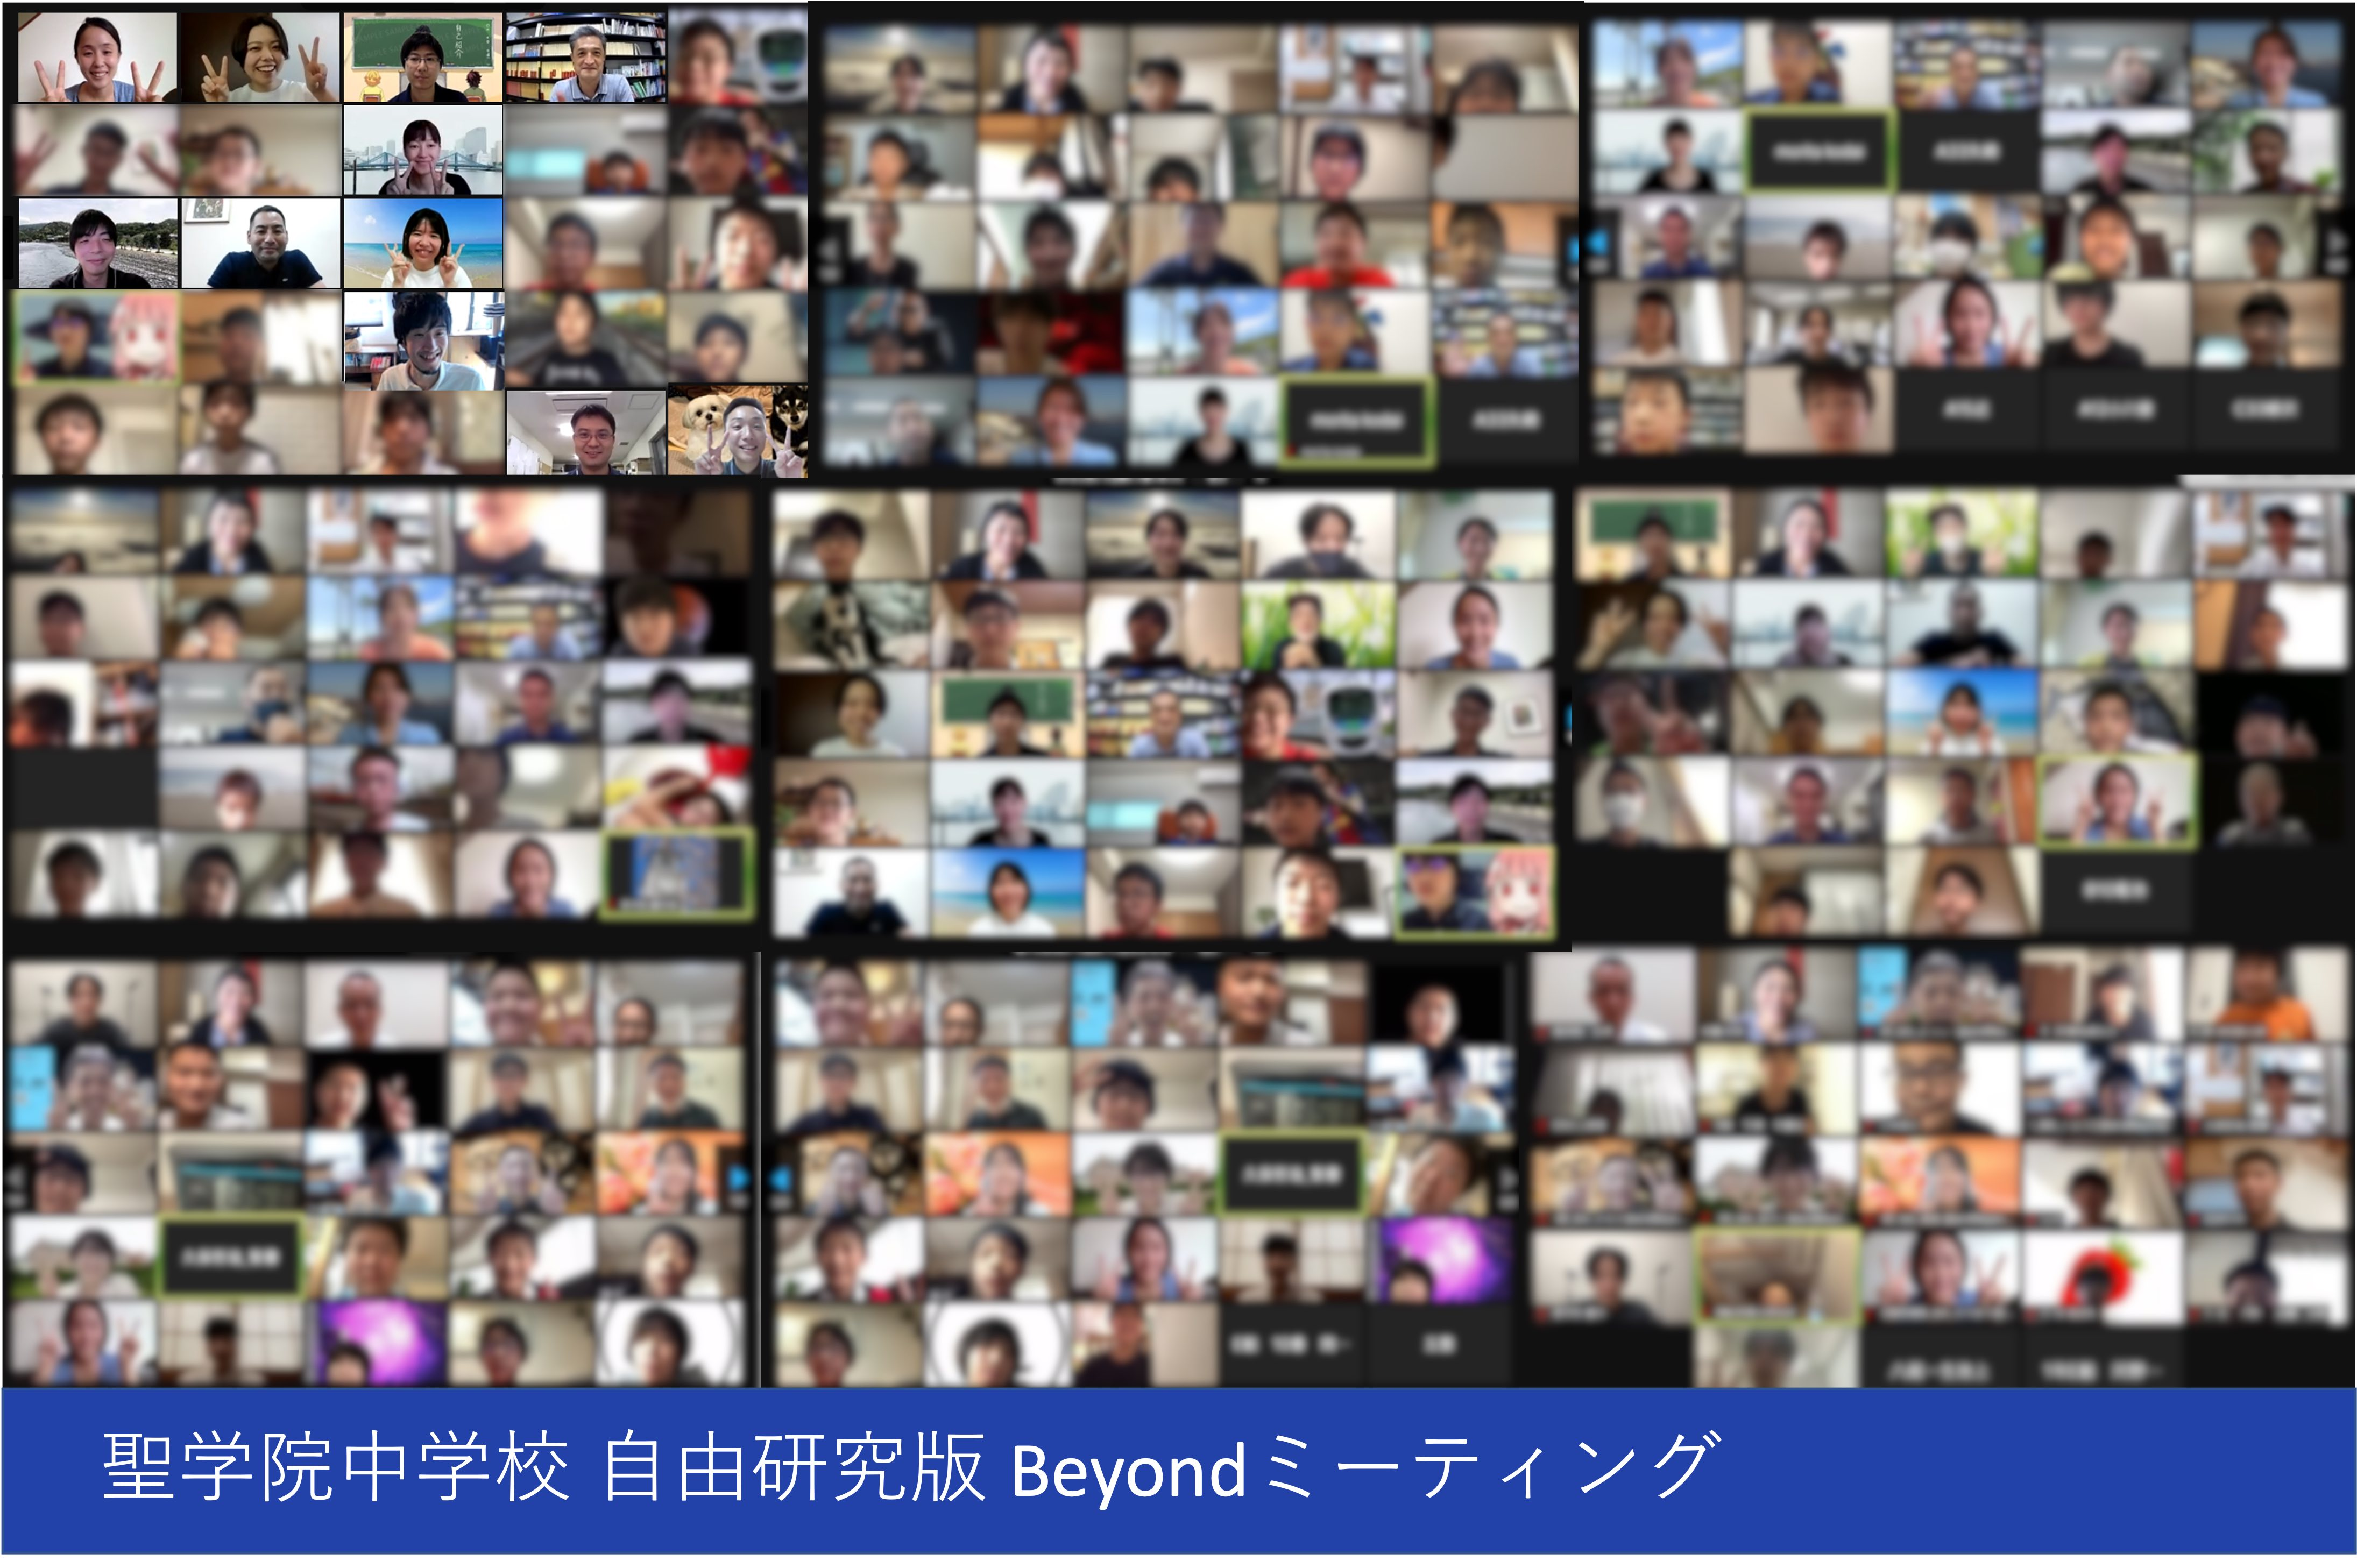 8月17(火)聖学院中学校 自由研究版 Beyondミーティング 開催報告